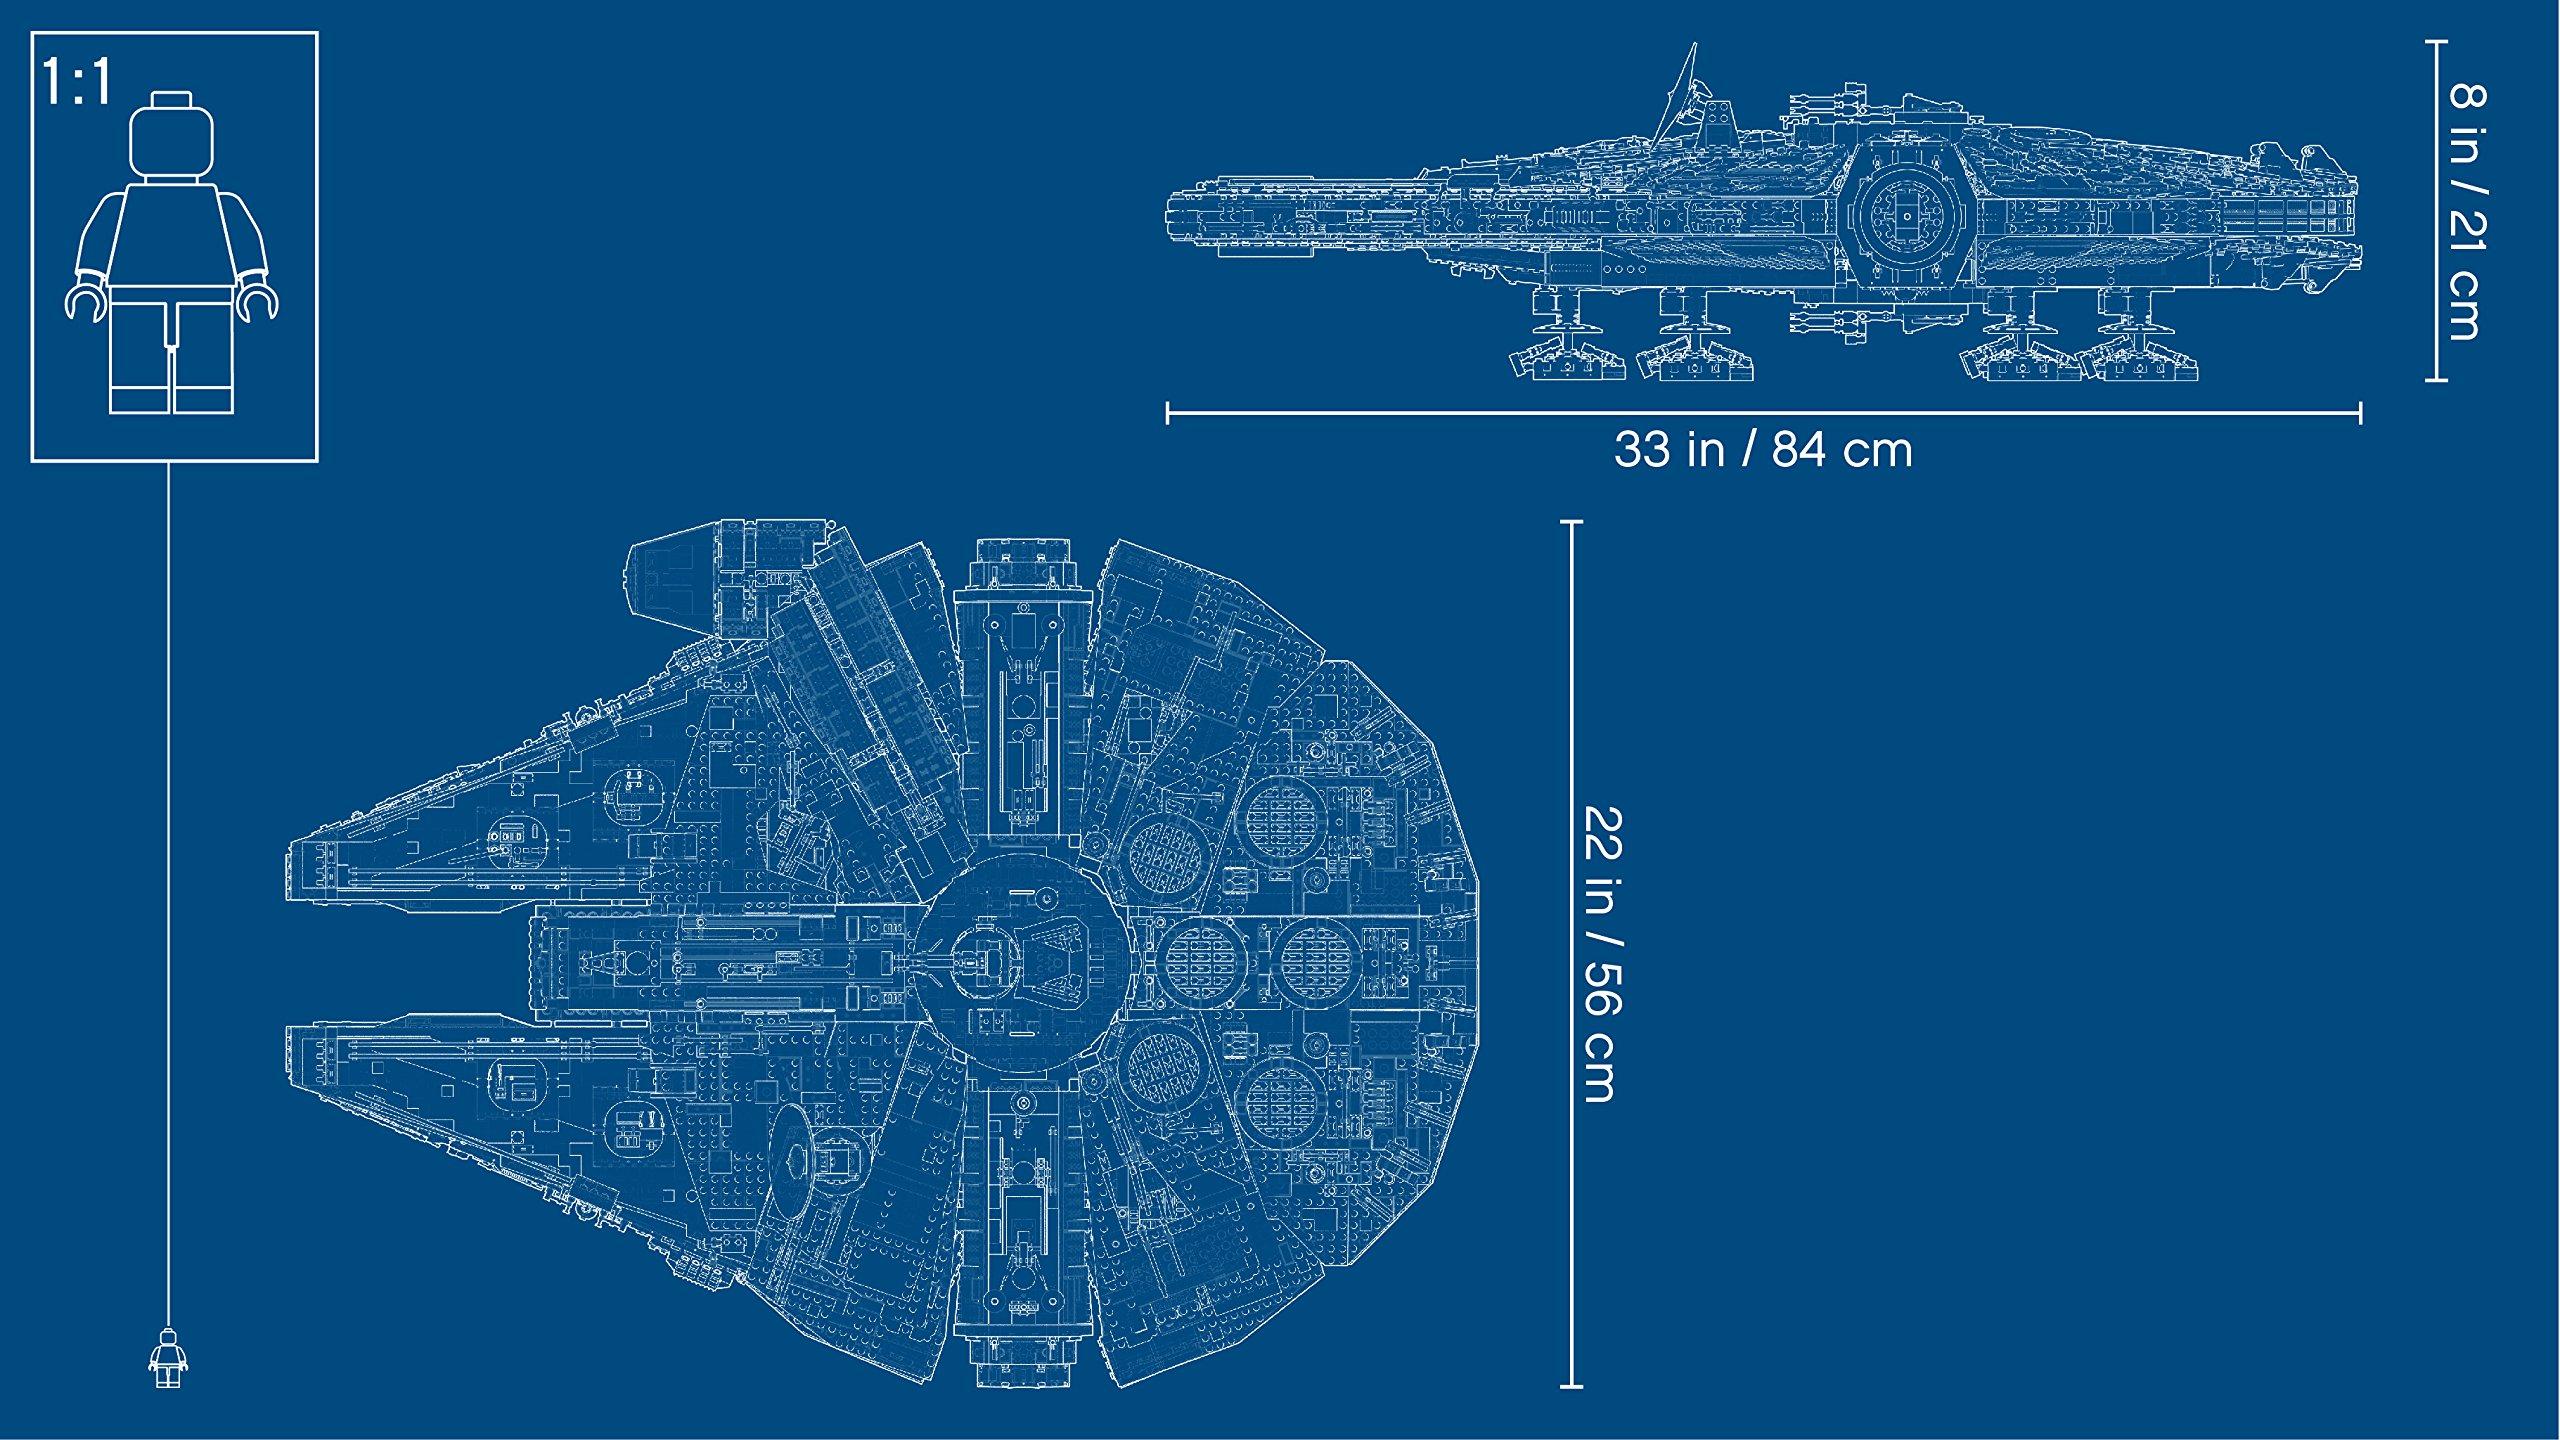 LEGO Millennium Falcon Costruzioni Piccole Gioco Bambina Giocattolo 140, Multicolore, 5702015869935 4 spesavip